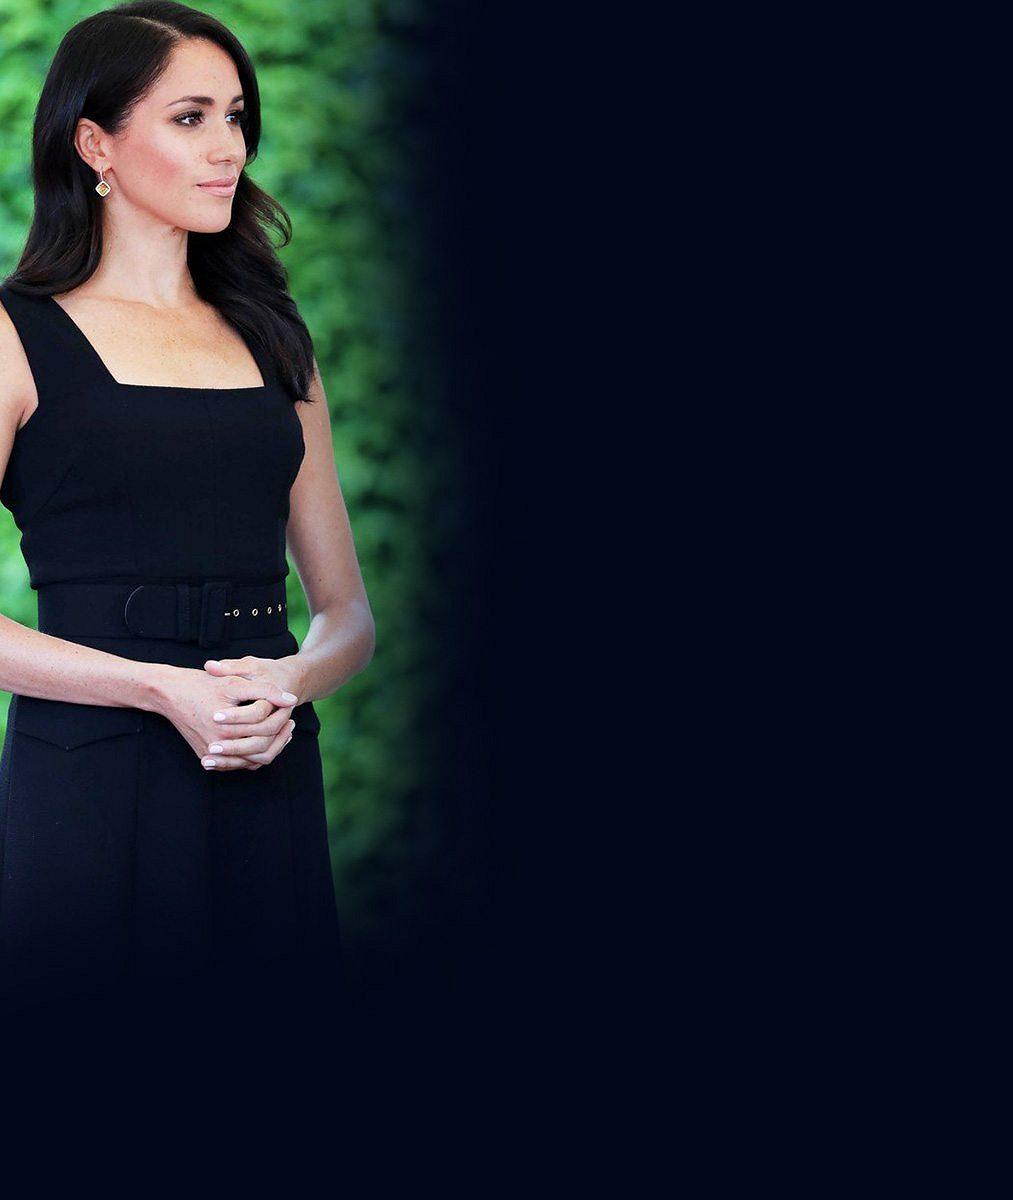 7pravidel, která ani jako vévodkyně ze Sussexu nehodlá dodržovat! Krásná Meghan slaví narozeniny